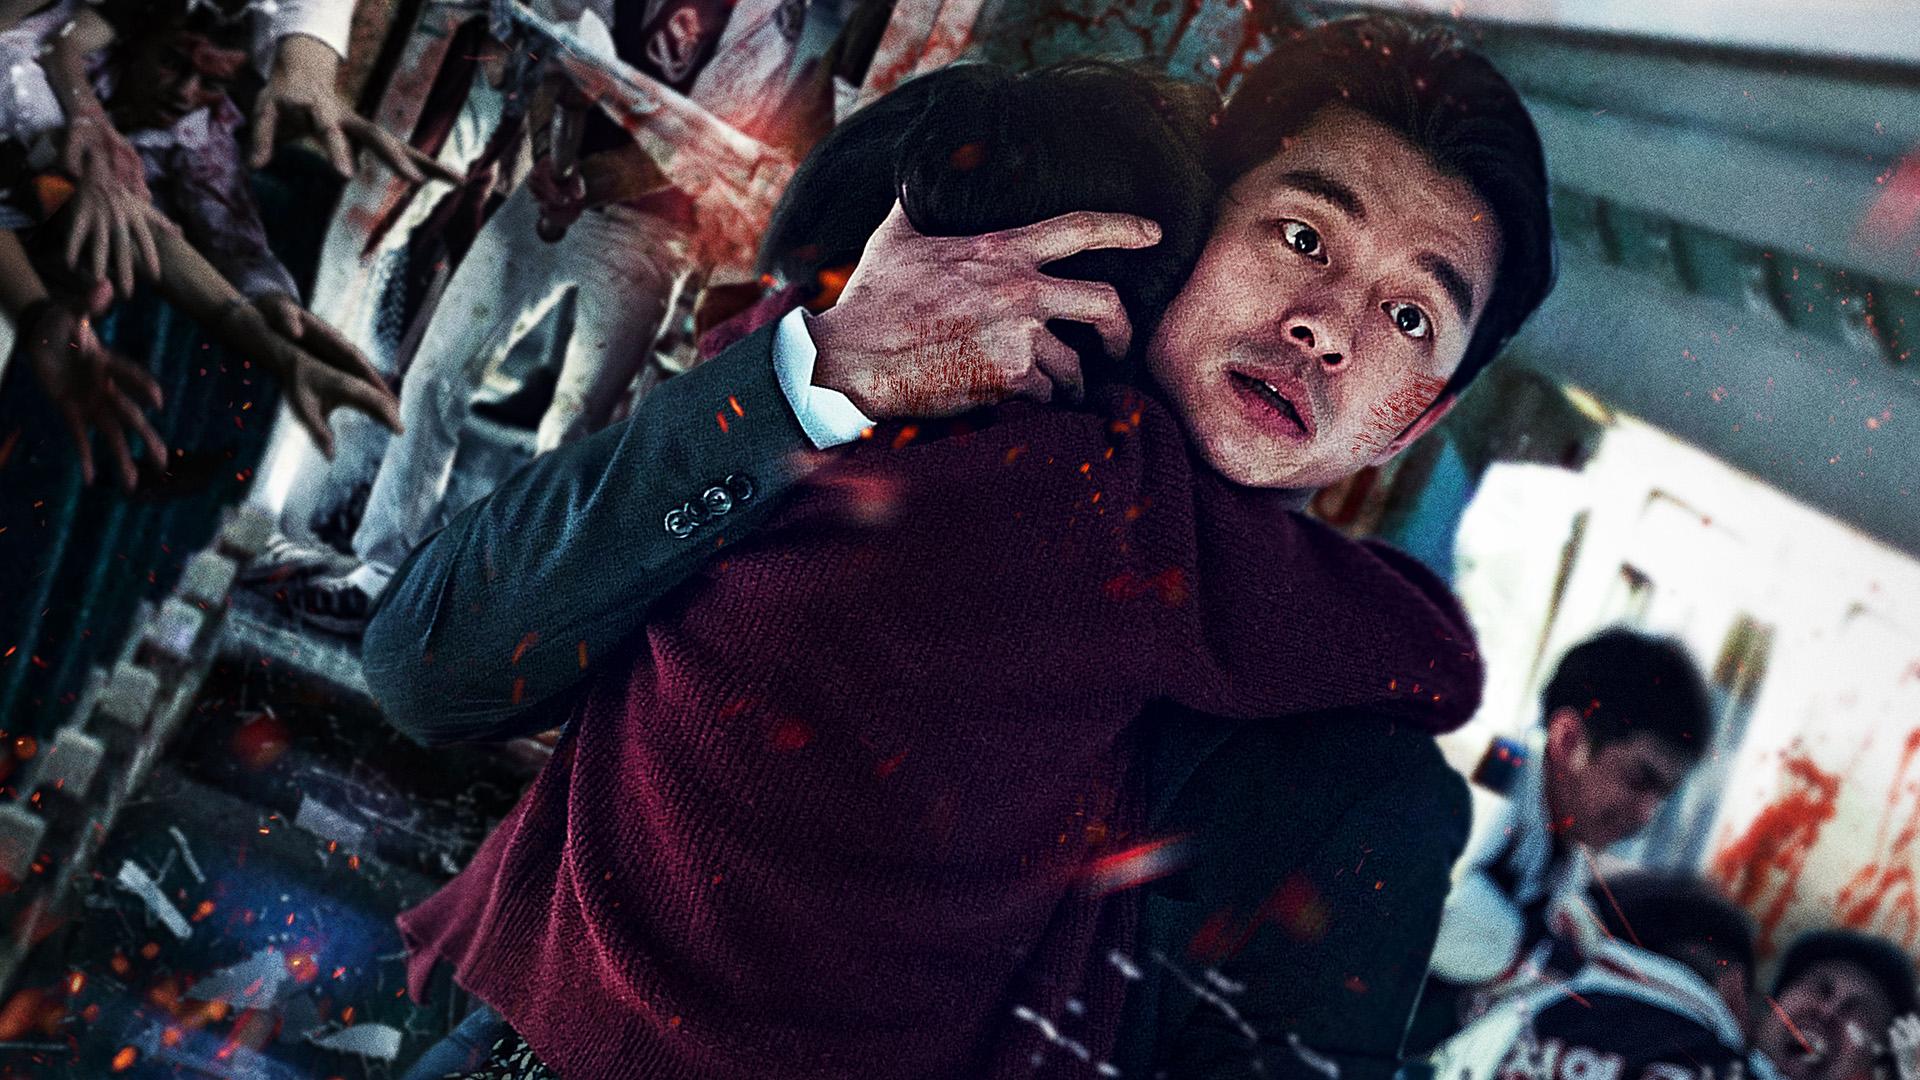 ۱۵ فیلم که برای ورود به دنیای فیلمهای ترسناک کرهای باید ببینید ـ قسمت دوم